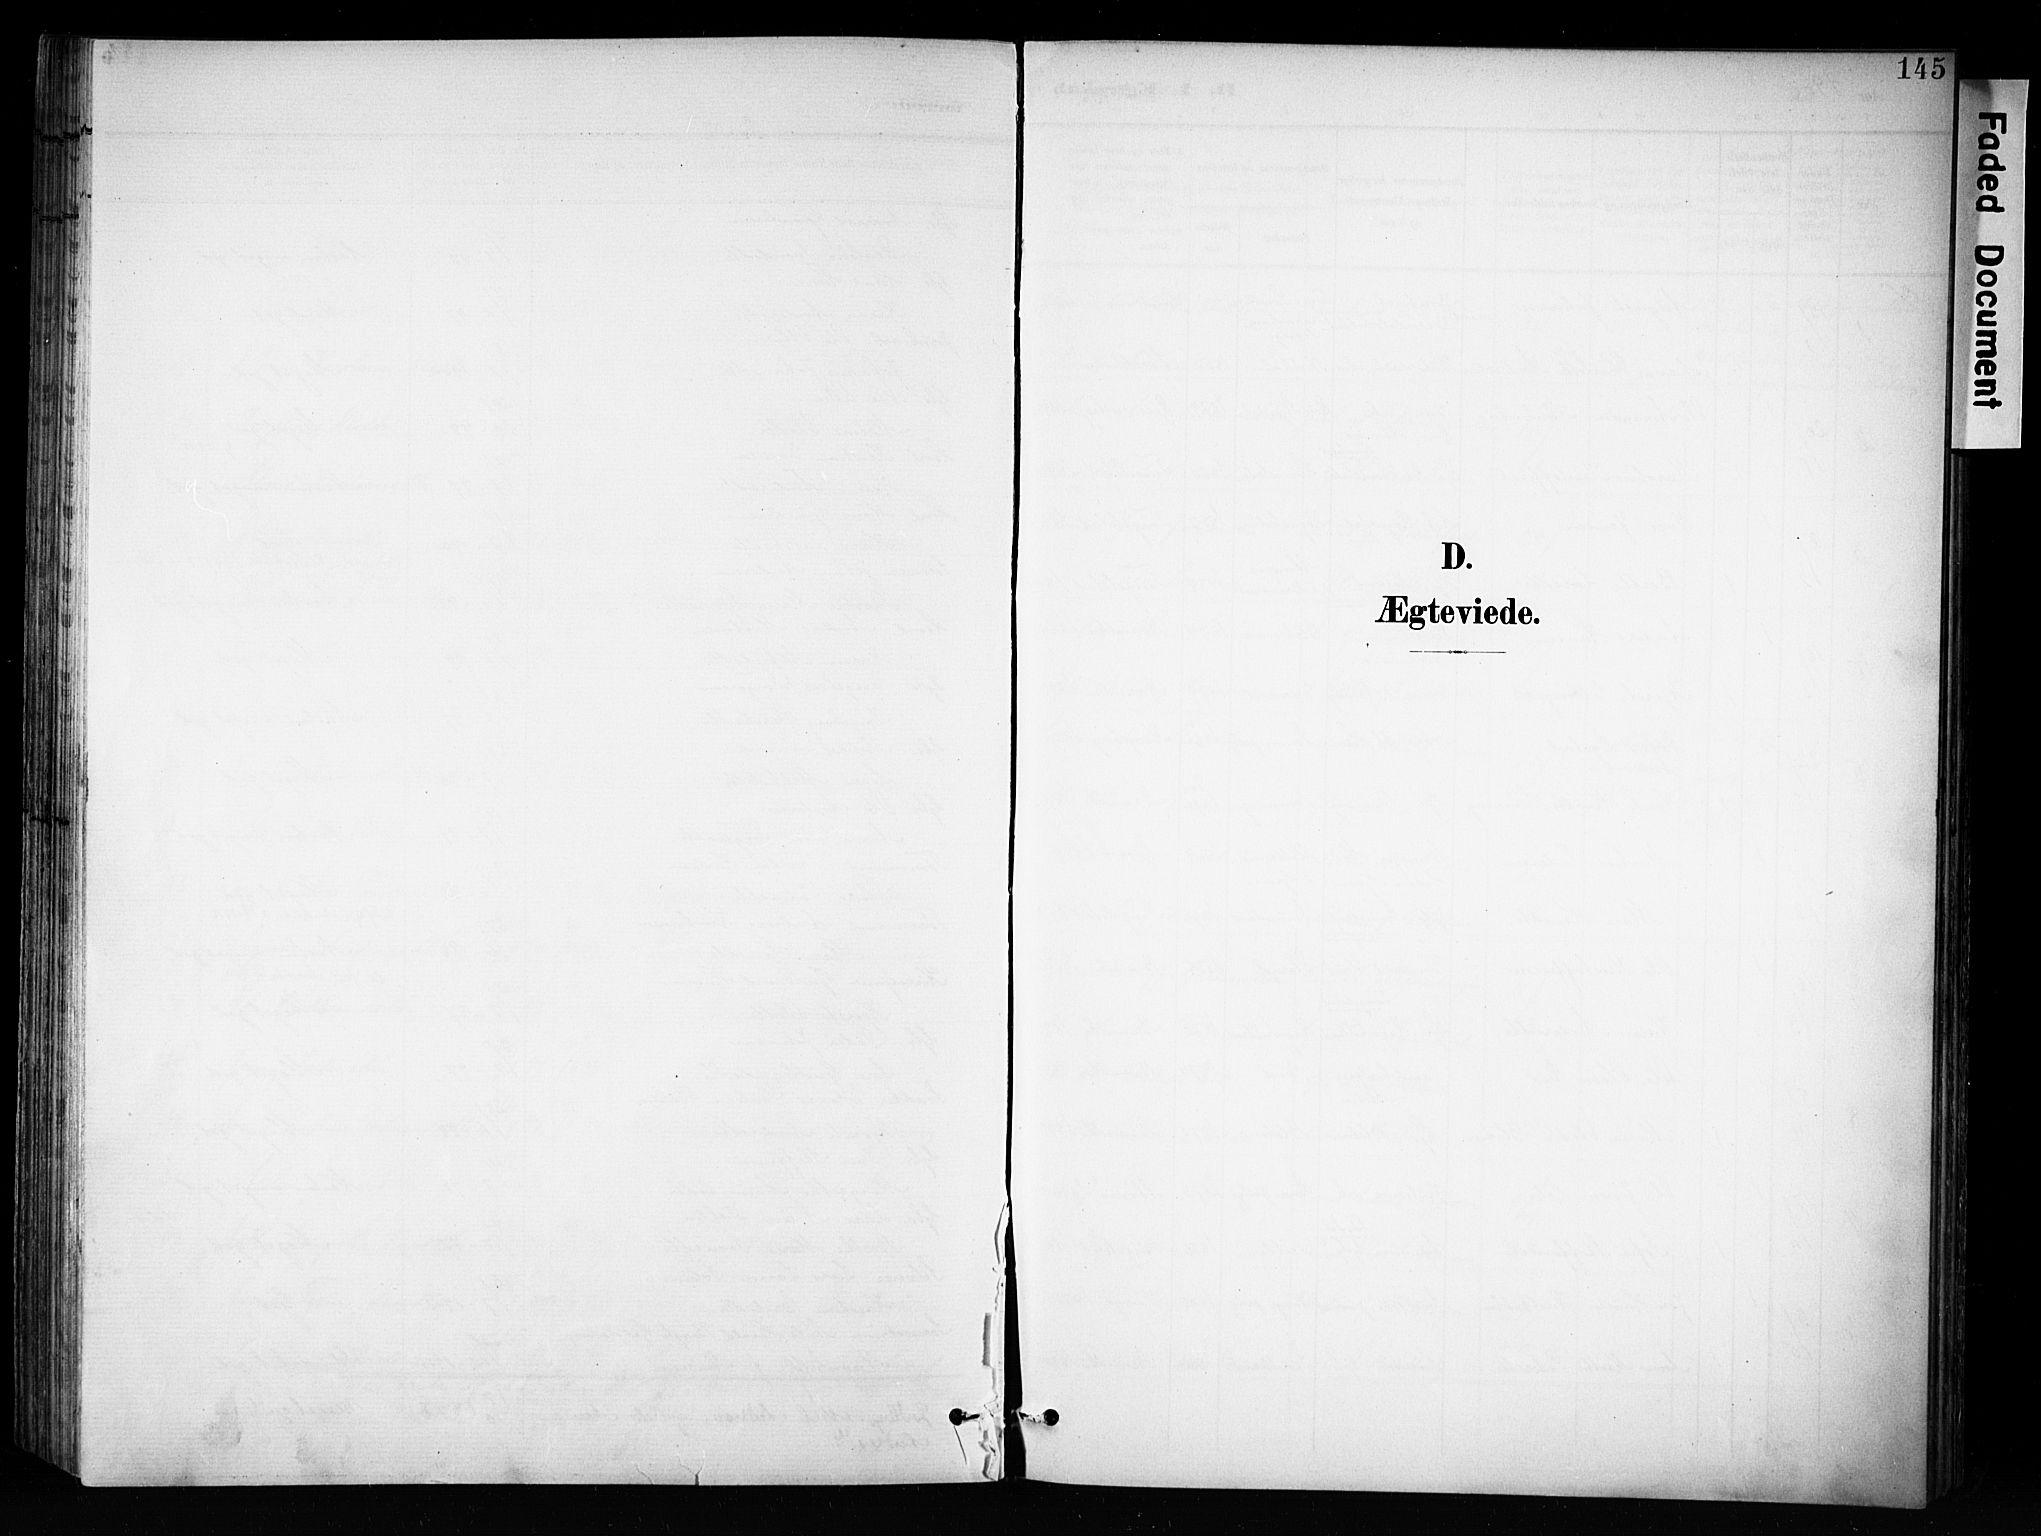 SAH, Brandbu prestekontor, Ministerialbok nr. 1, 1900-1912, s. 145